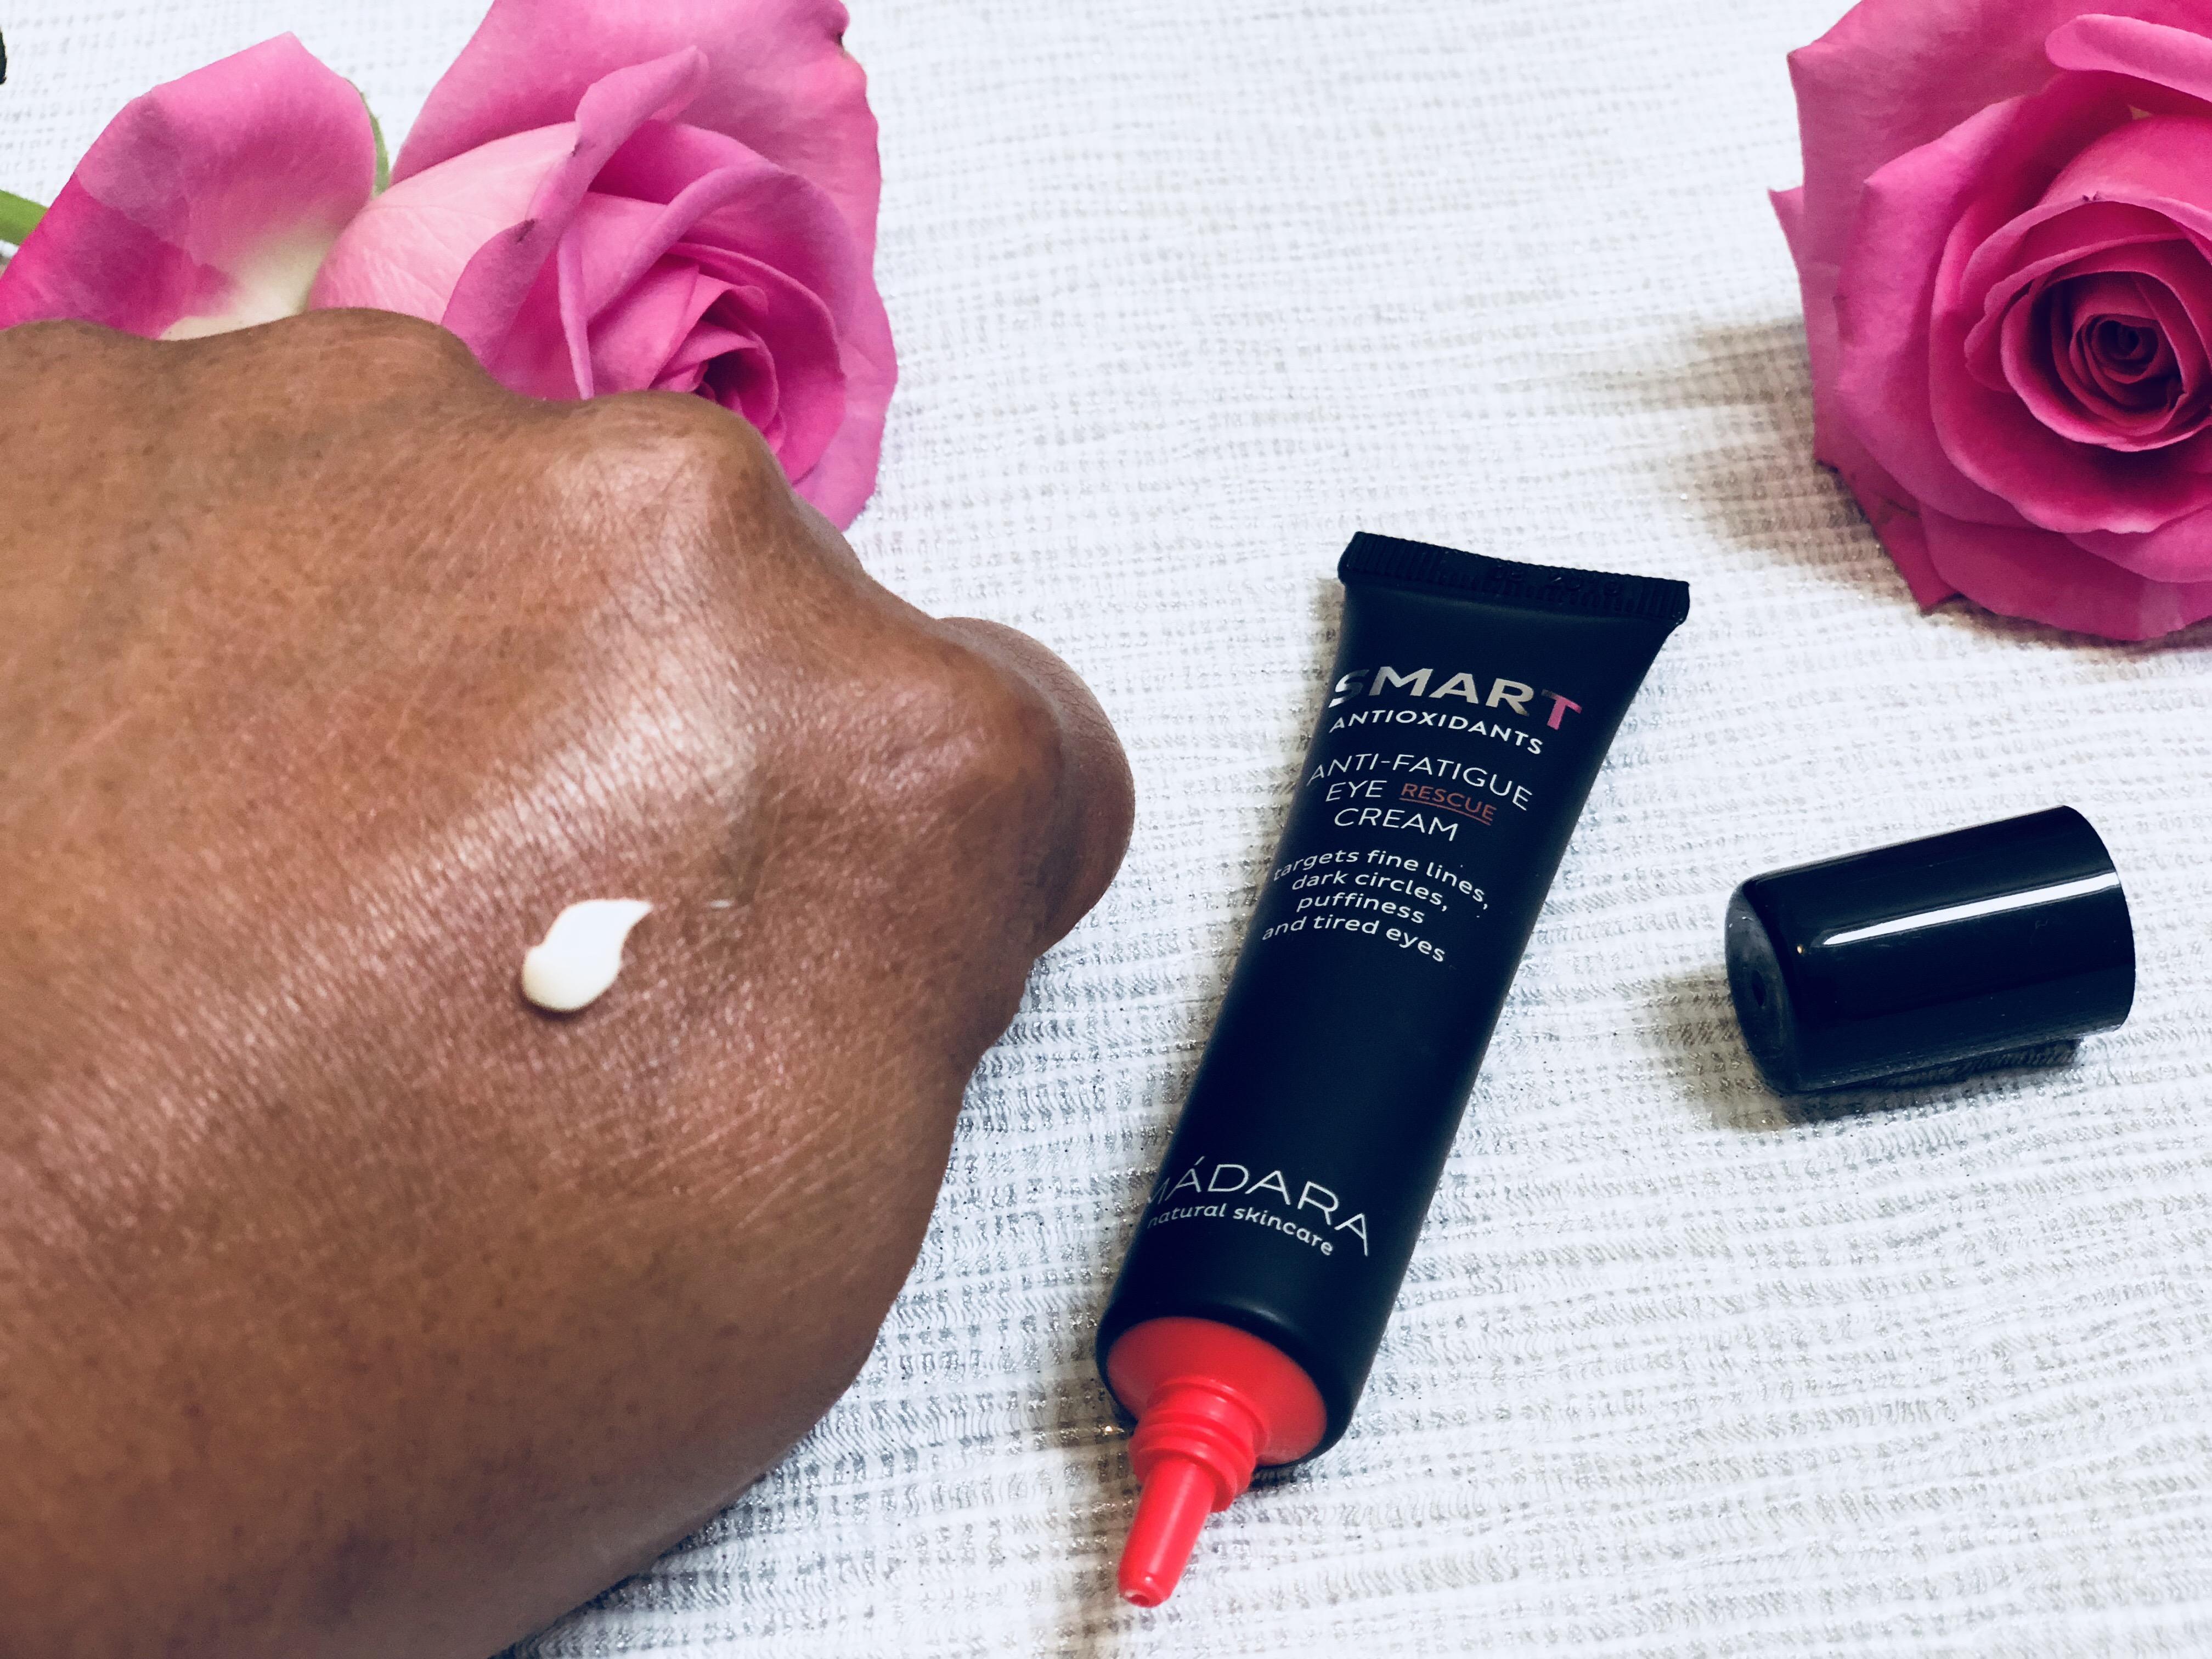 Madara Smart Antioxidants Anti-Fatigue Eye Rescue Cream